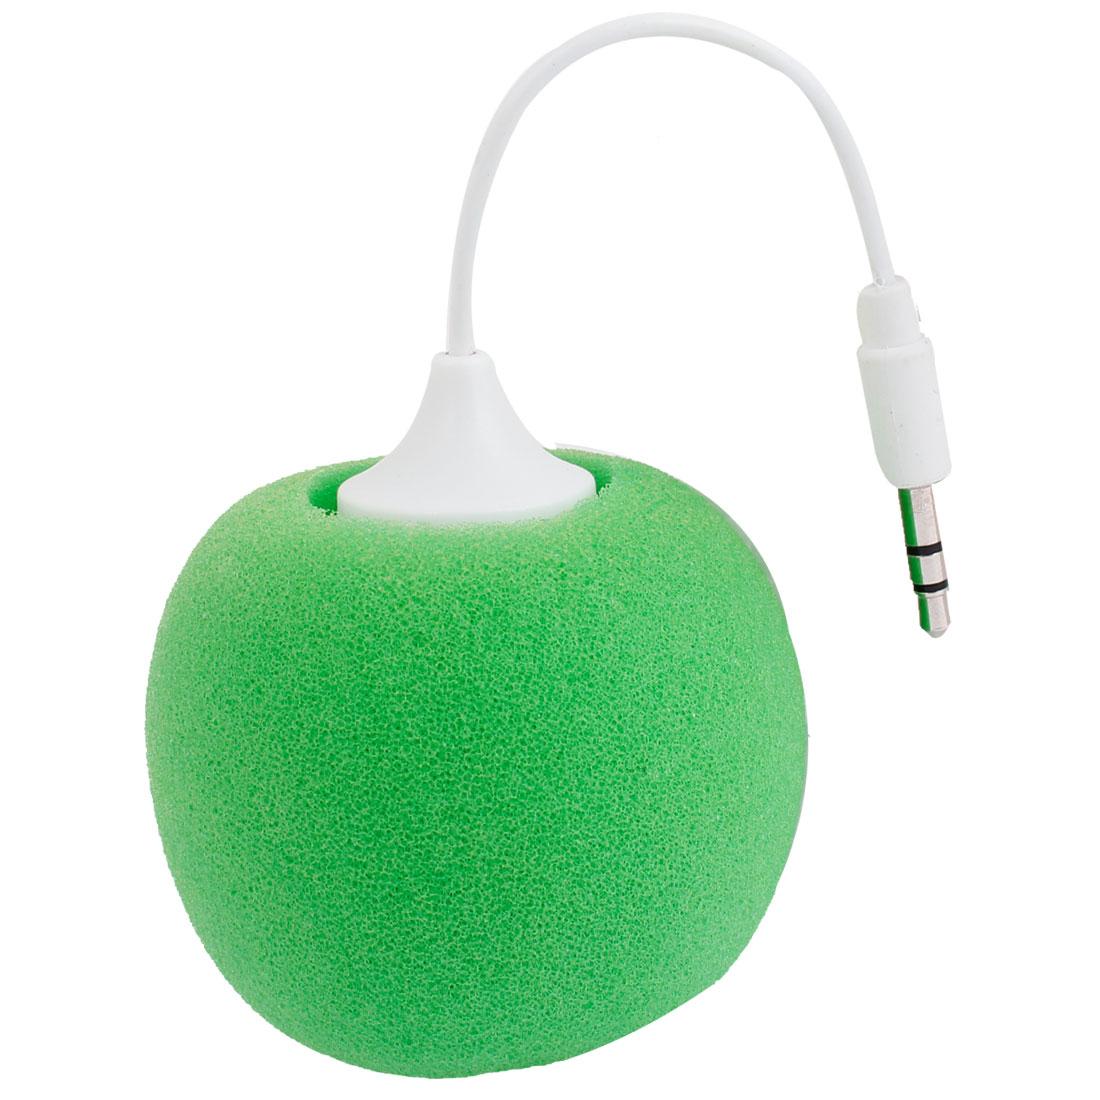 MP4 Mobilephone CD Player Mini 3.5mm Stereo Speaker White Green